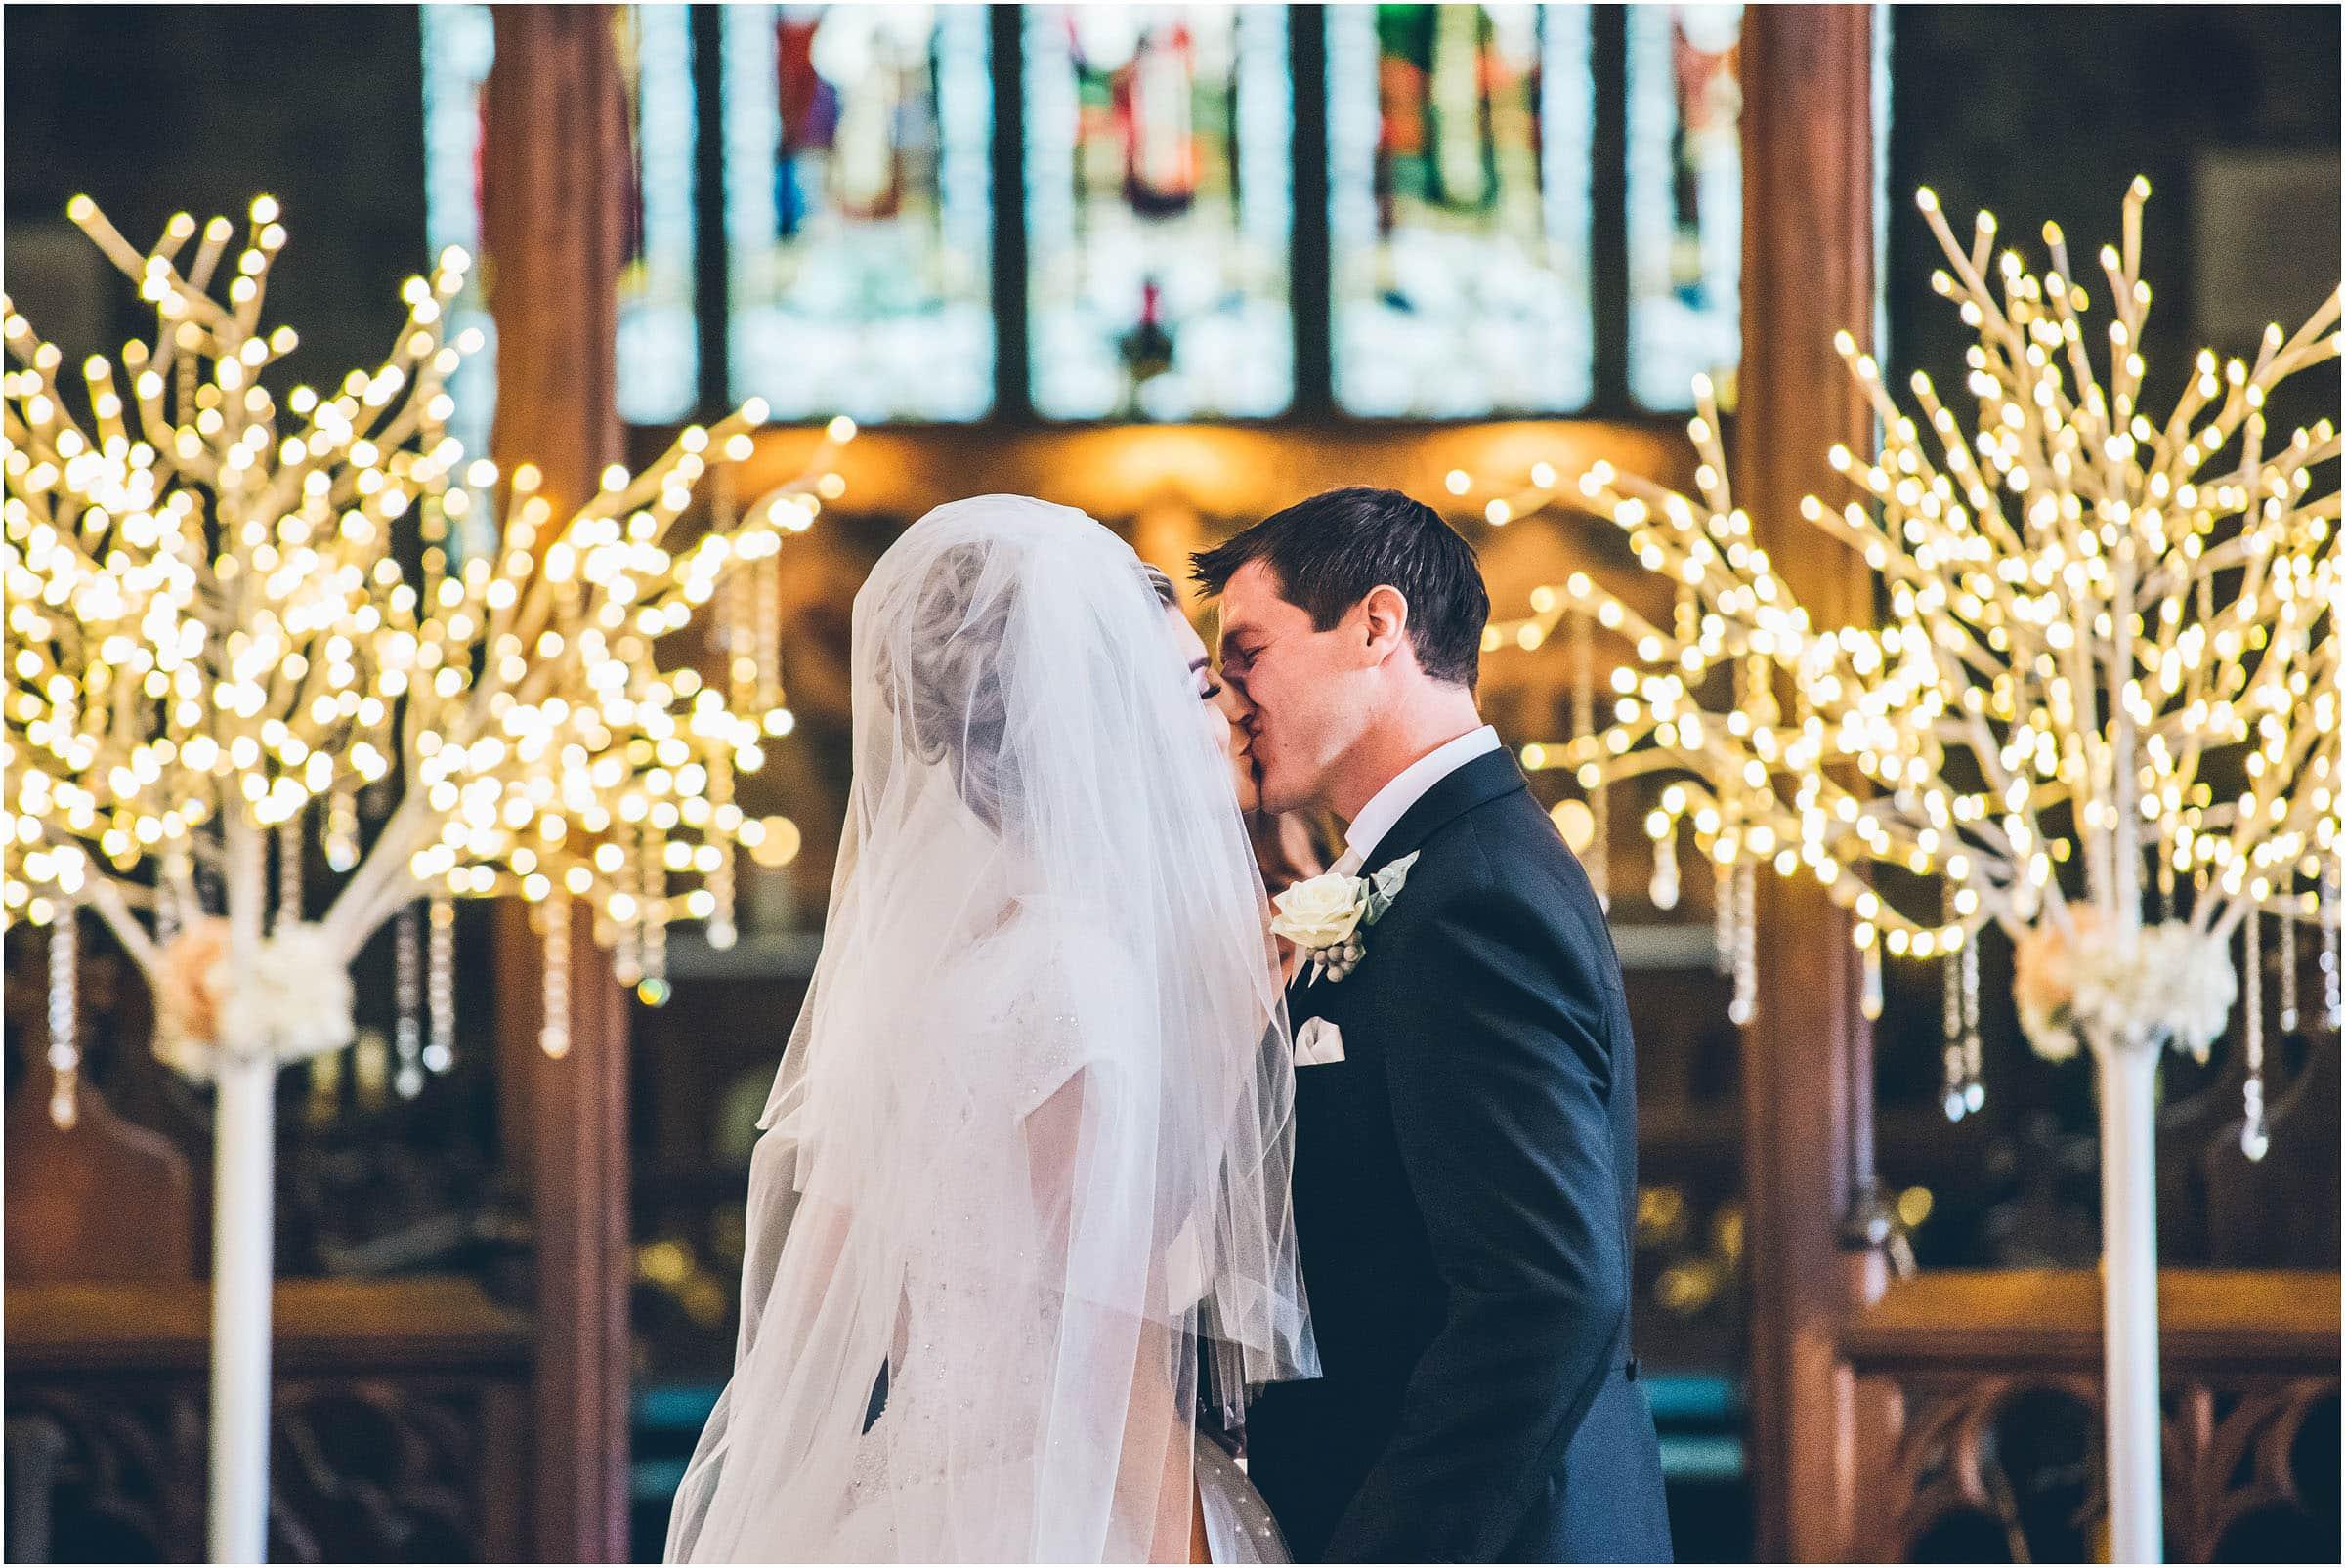 shropshire_wedding_photography_0046